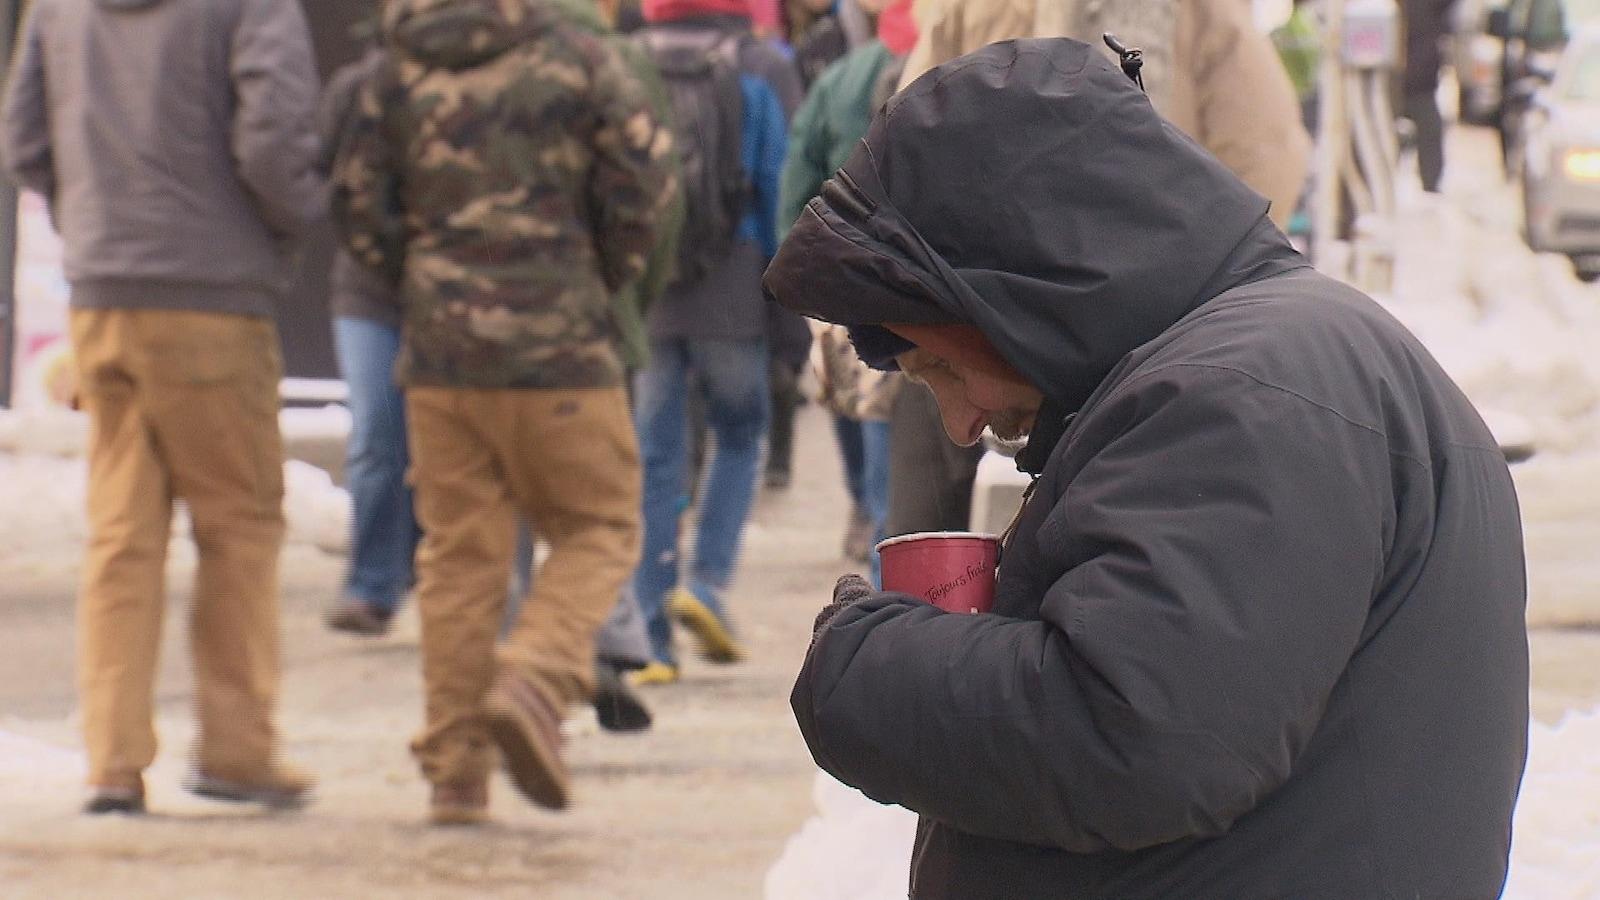 Le temps froid pousse plus d'itinérants à fréquenter les refuges.